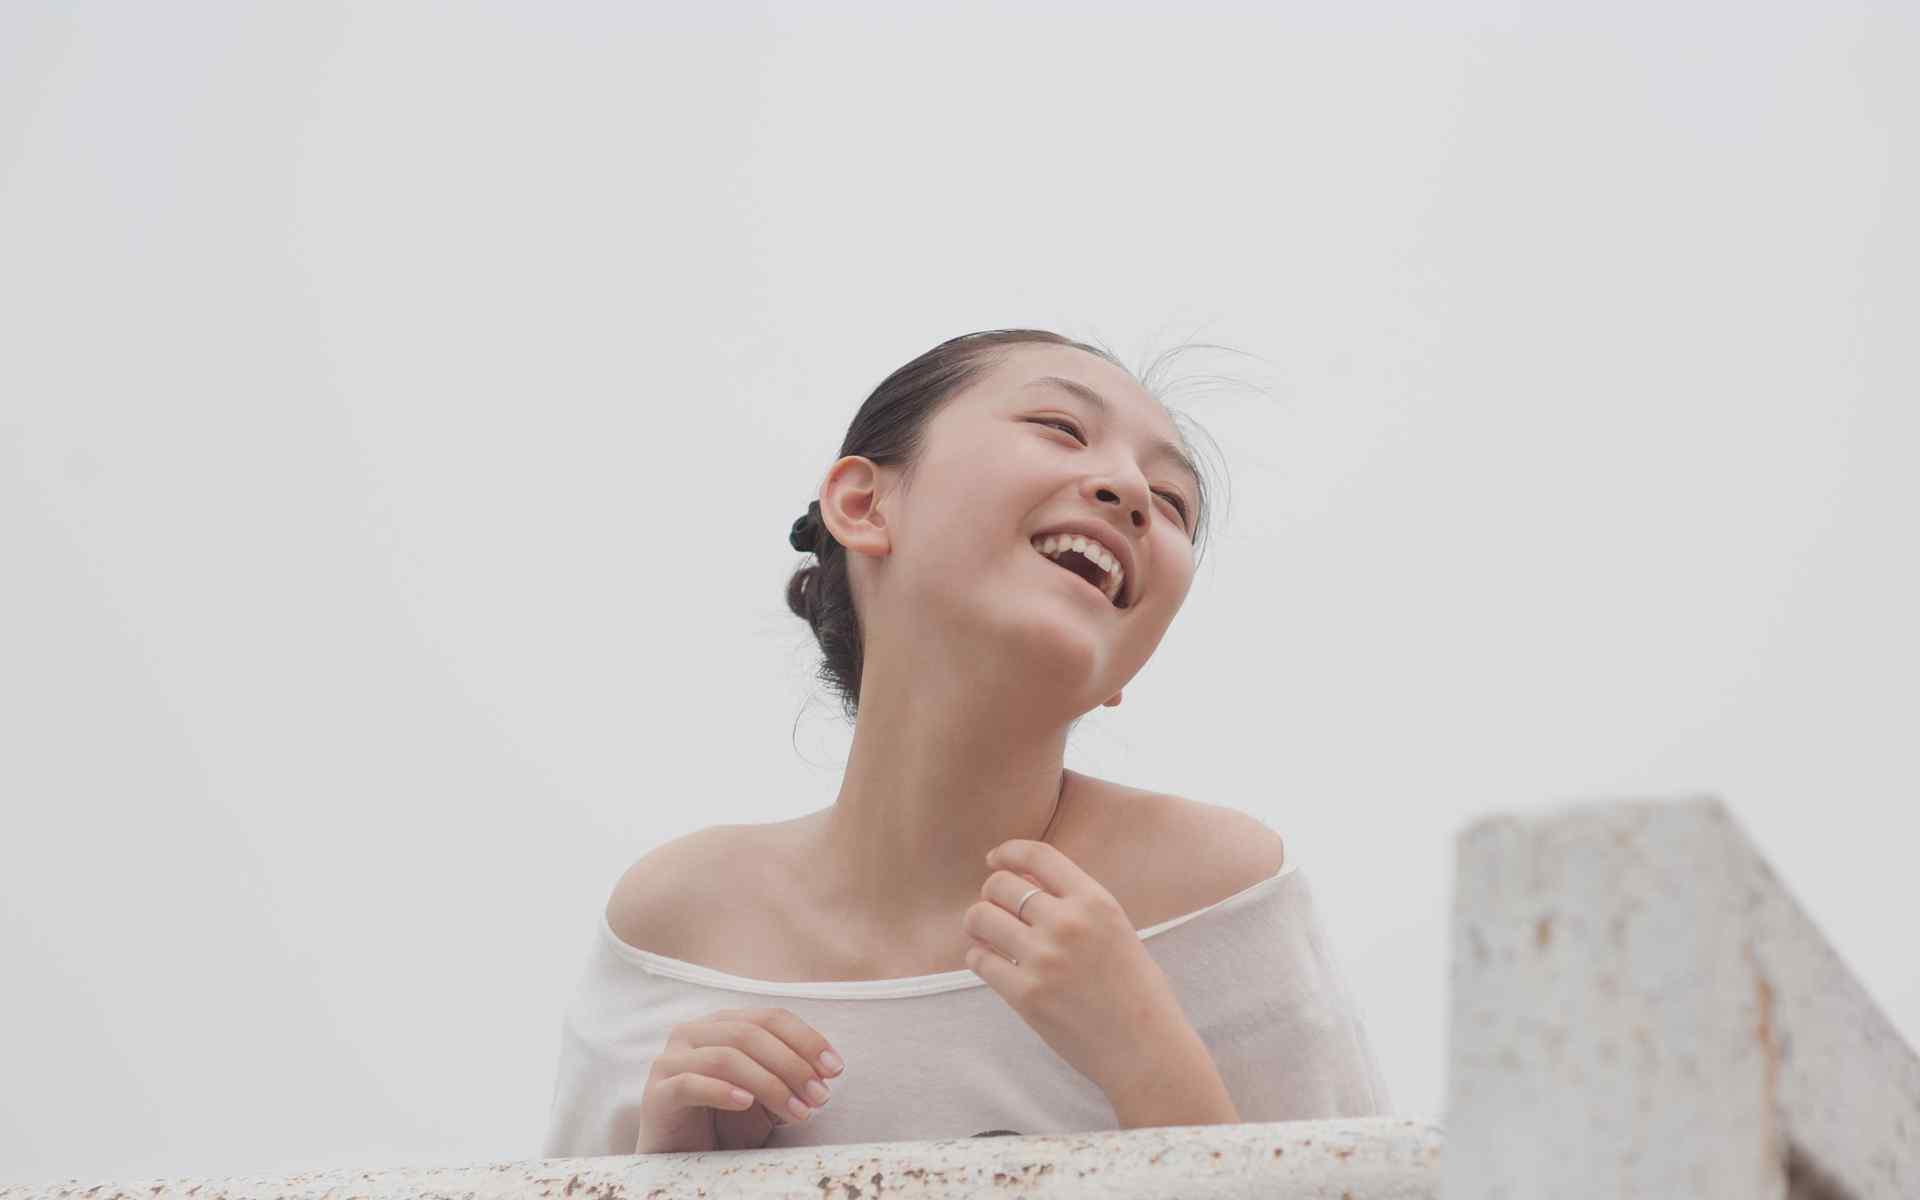 武大校花女神吴倩清新写真图片桌面壁纸